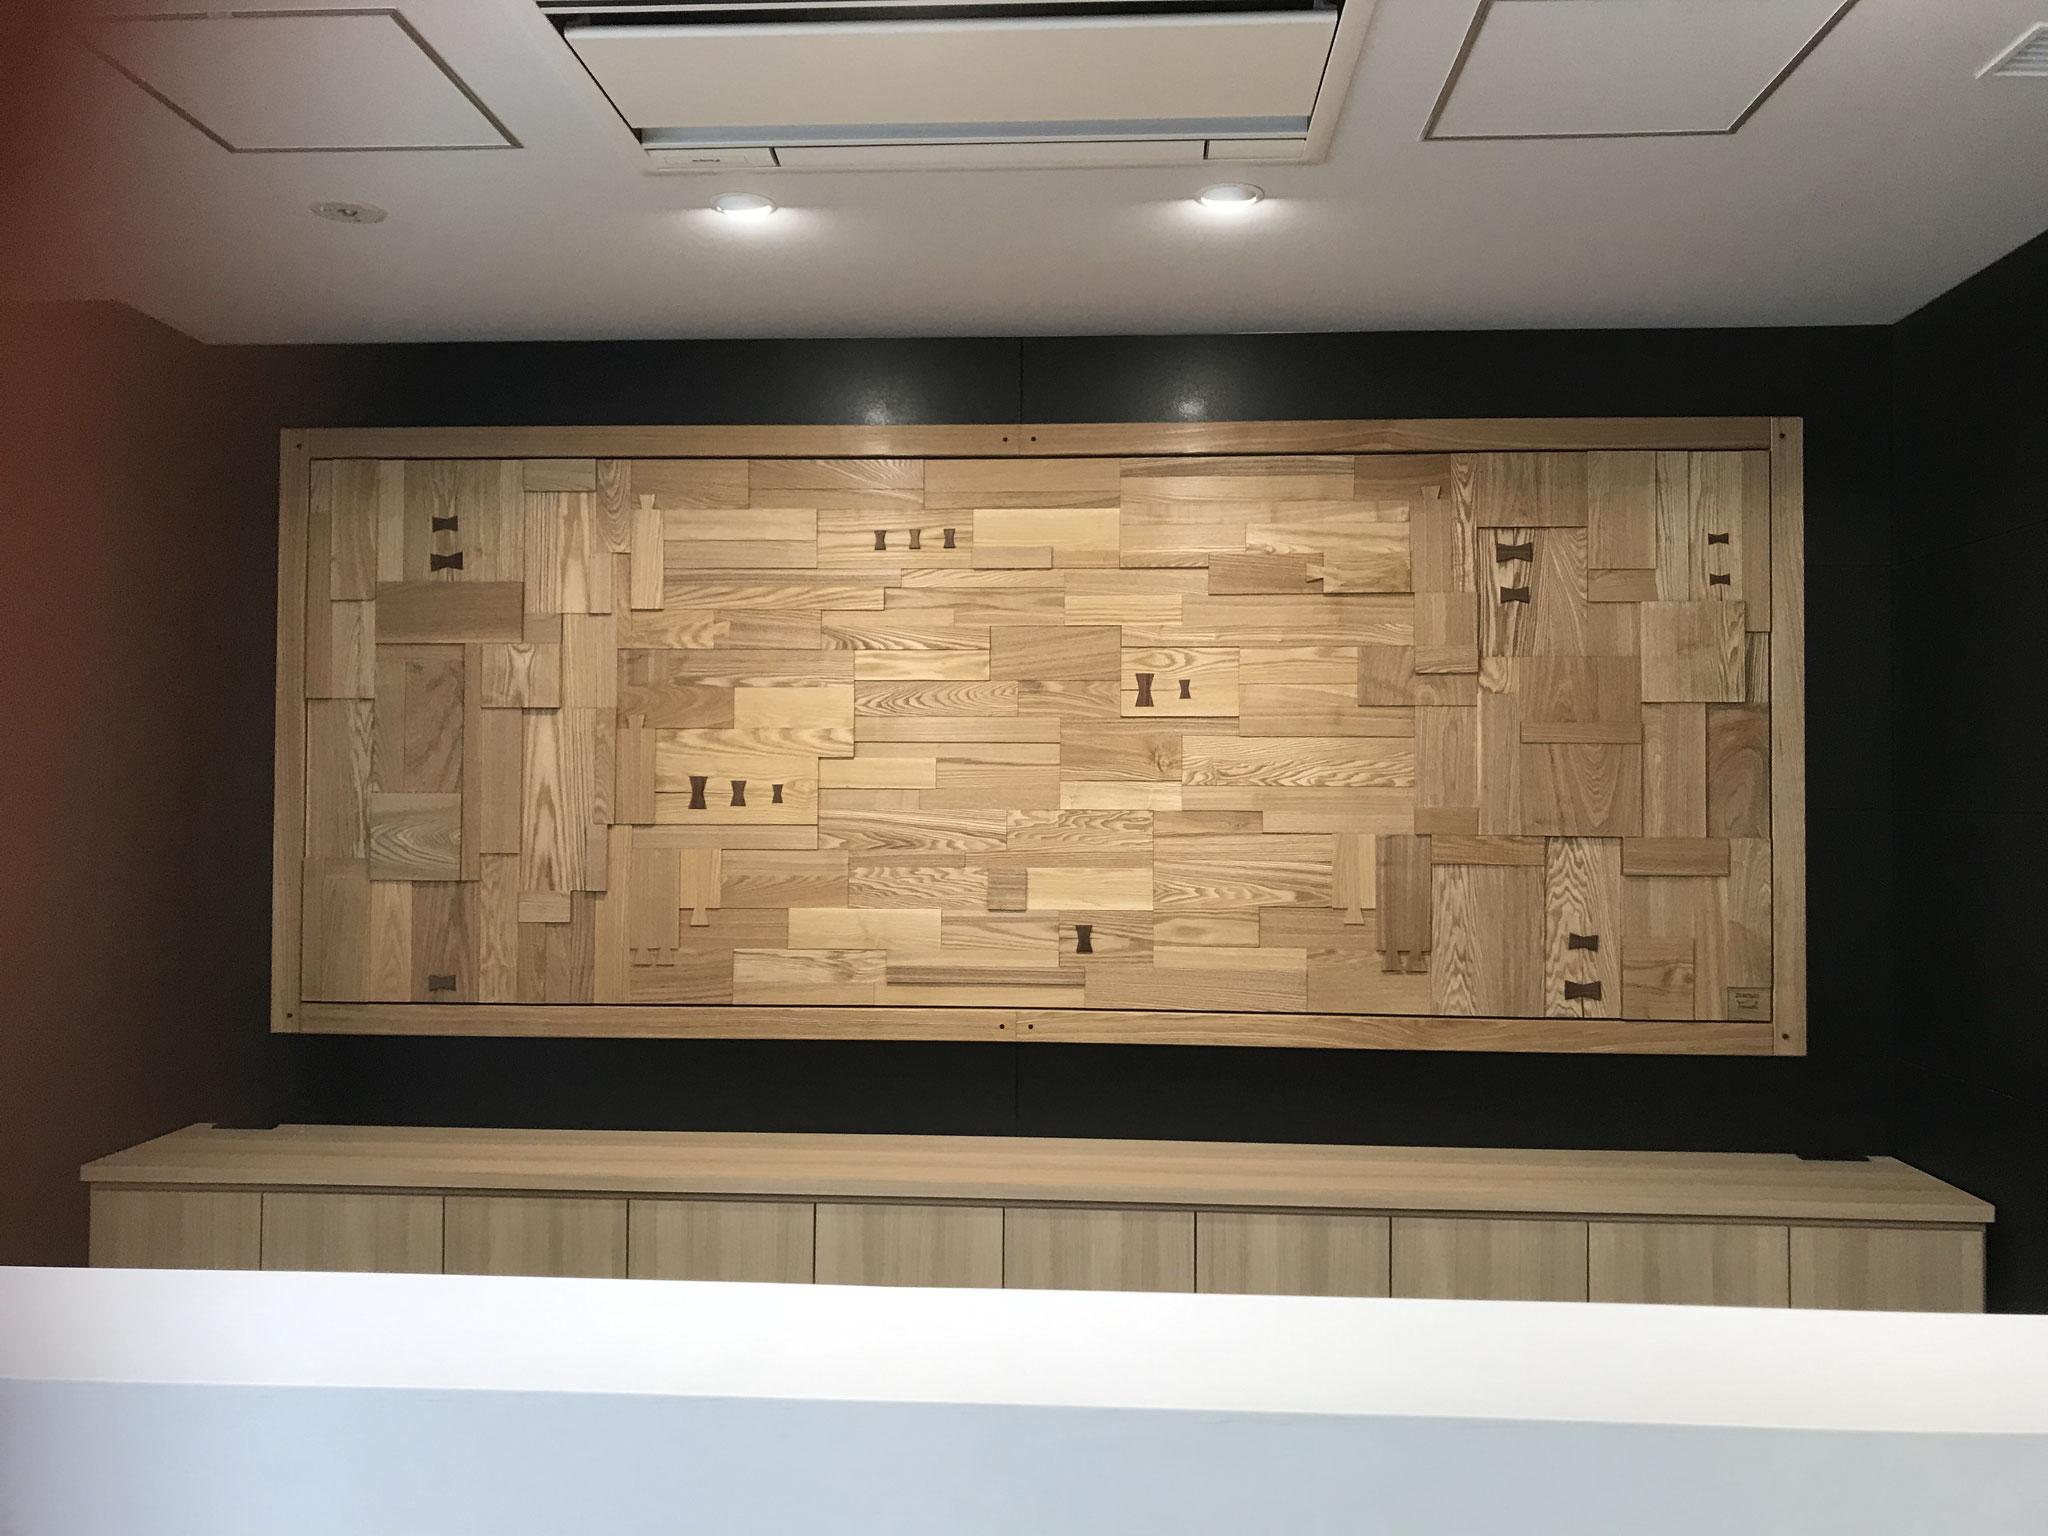 壁面レリーフ作品。ホテルのフロント背面の壁面に設置したもの。タモの板を組み合わせて濃淡と厚みの差で動きを表現した大作。/八ヶ岳の家具工房ZEROSSOのアート作品、創作家具